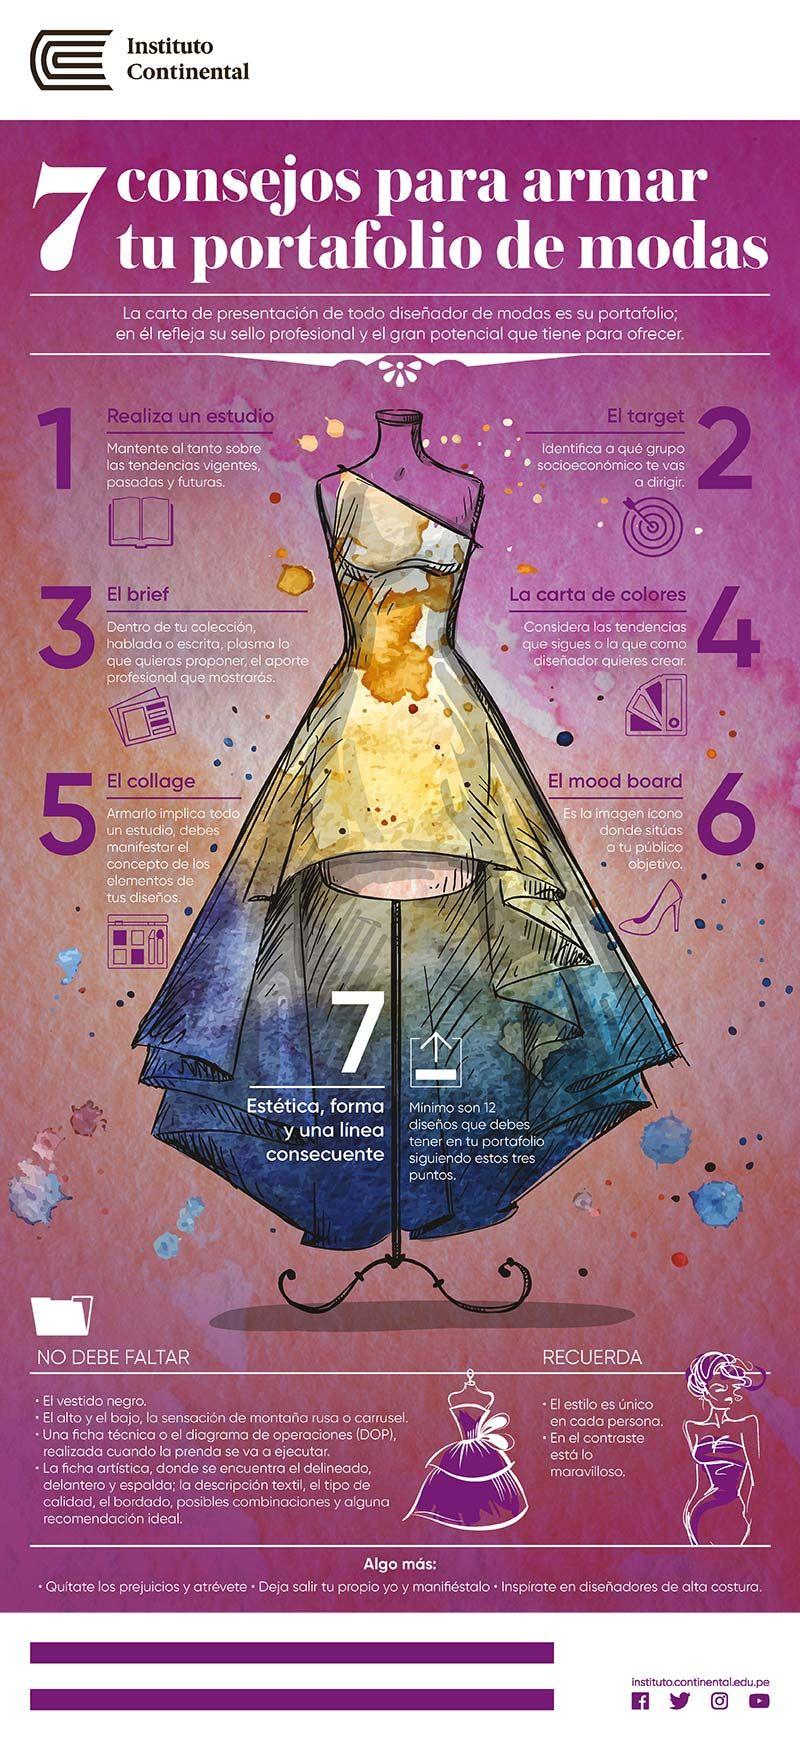 e85439fd3 7 consejos para armar tu portafolio de modas - Instituto Continental ...